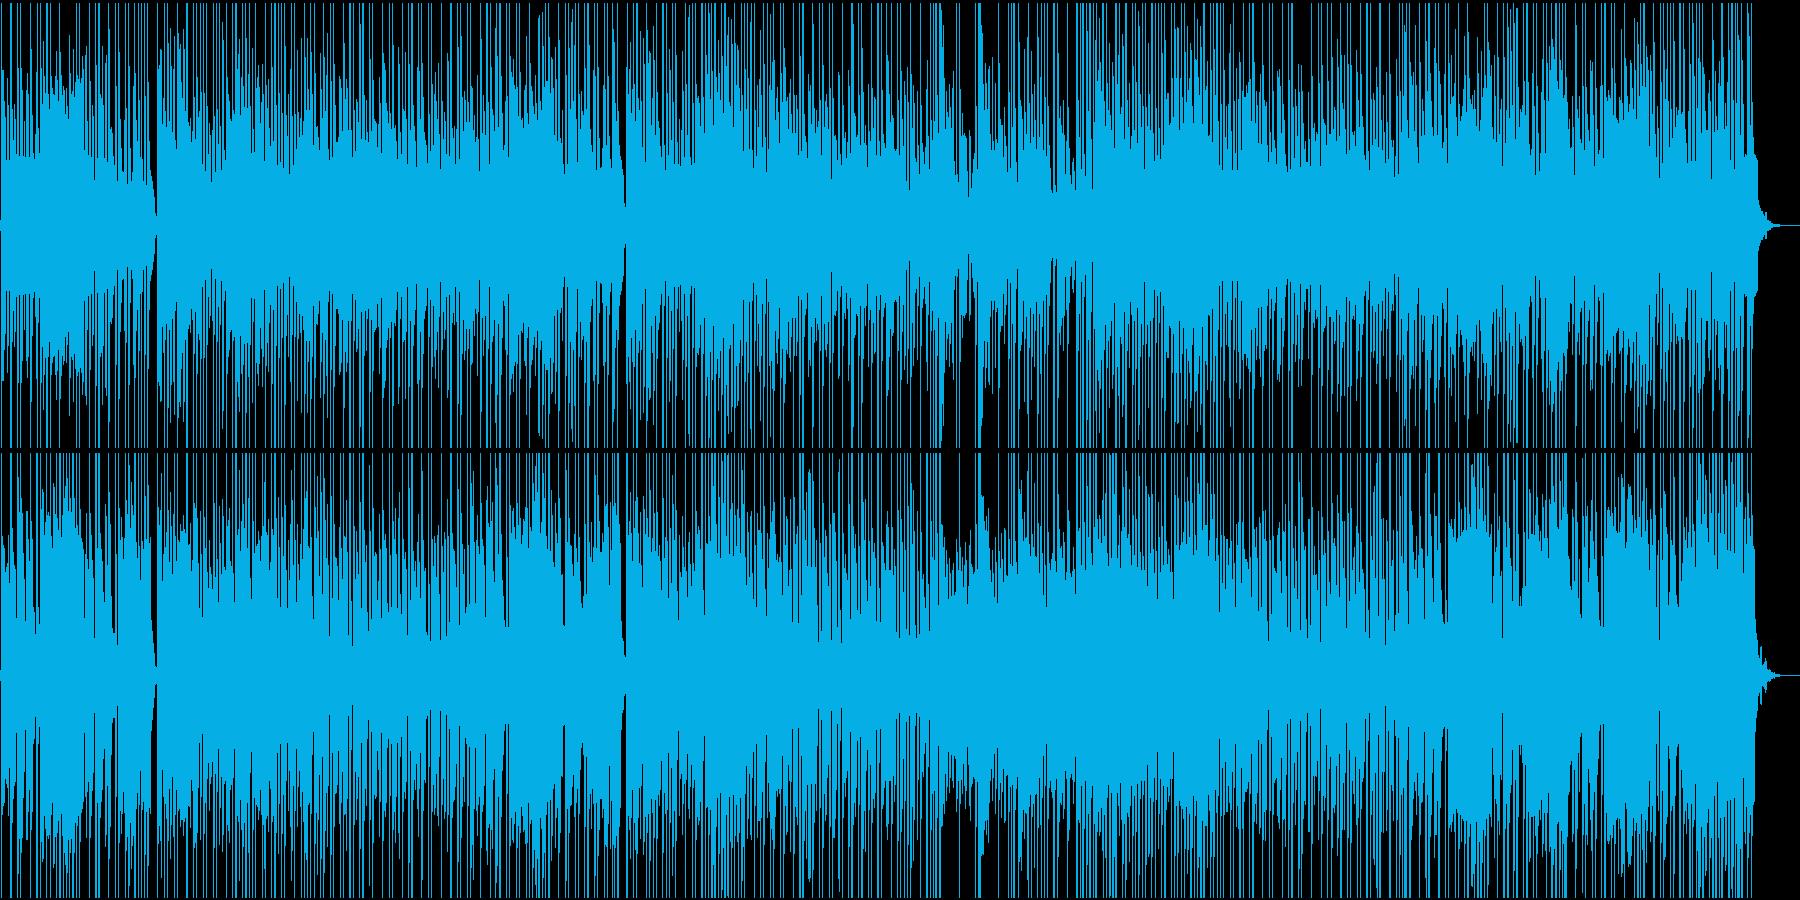 サーカス風、悲しみのワルツBGMの再生済みの波形